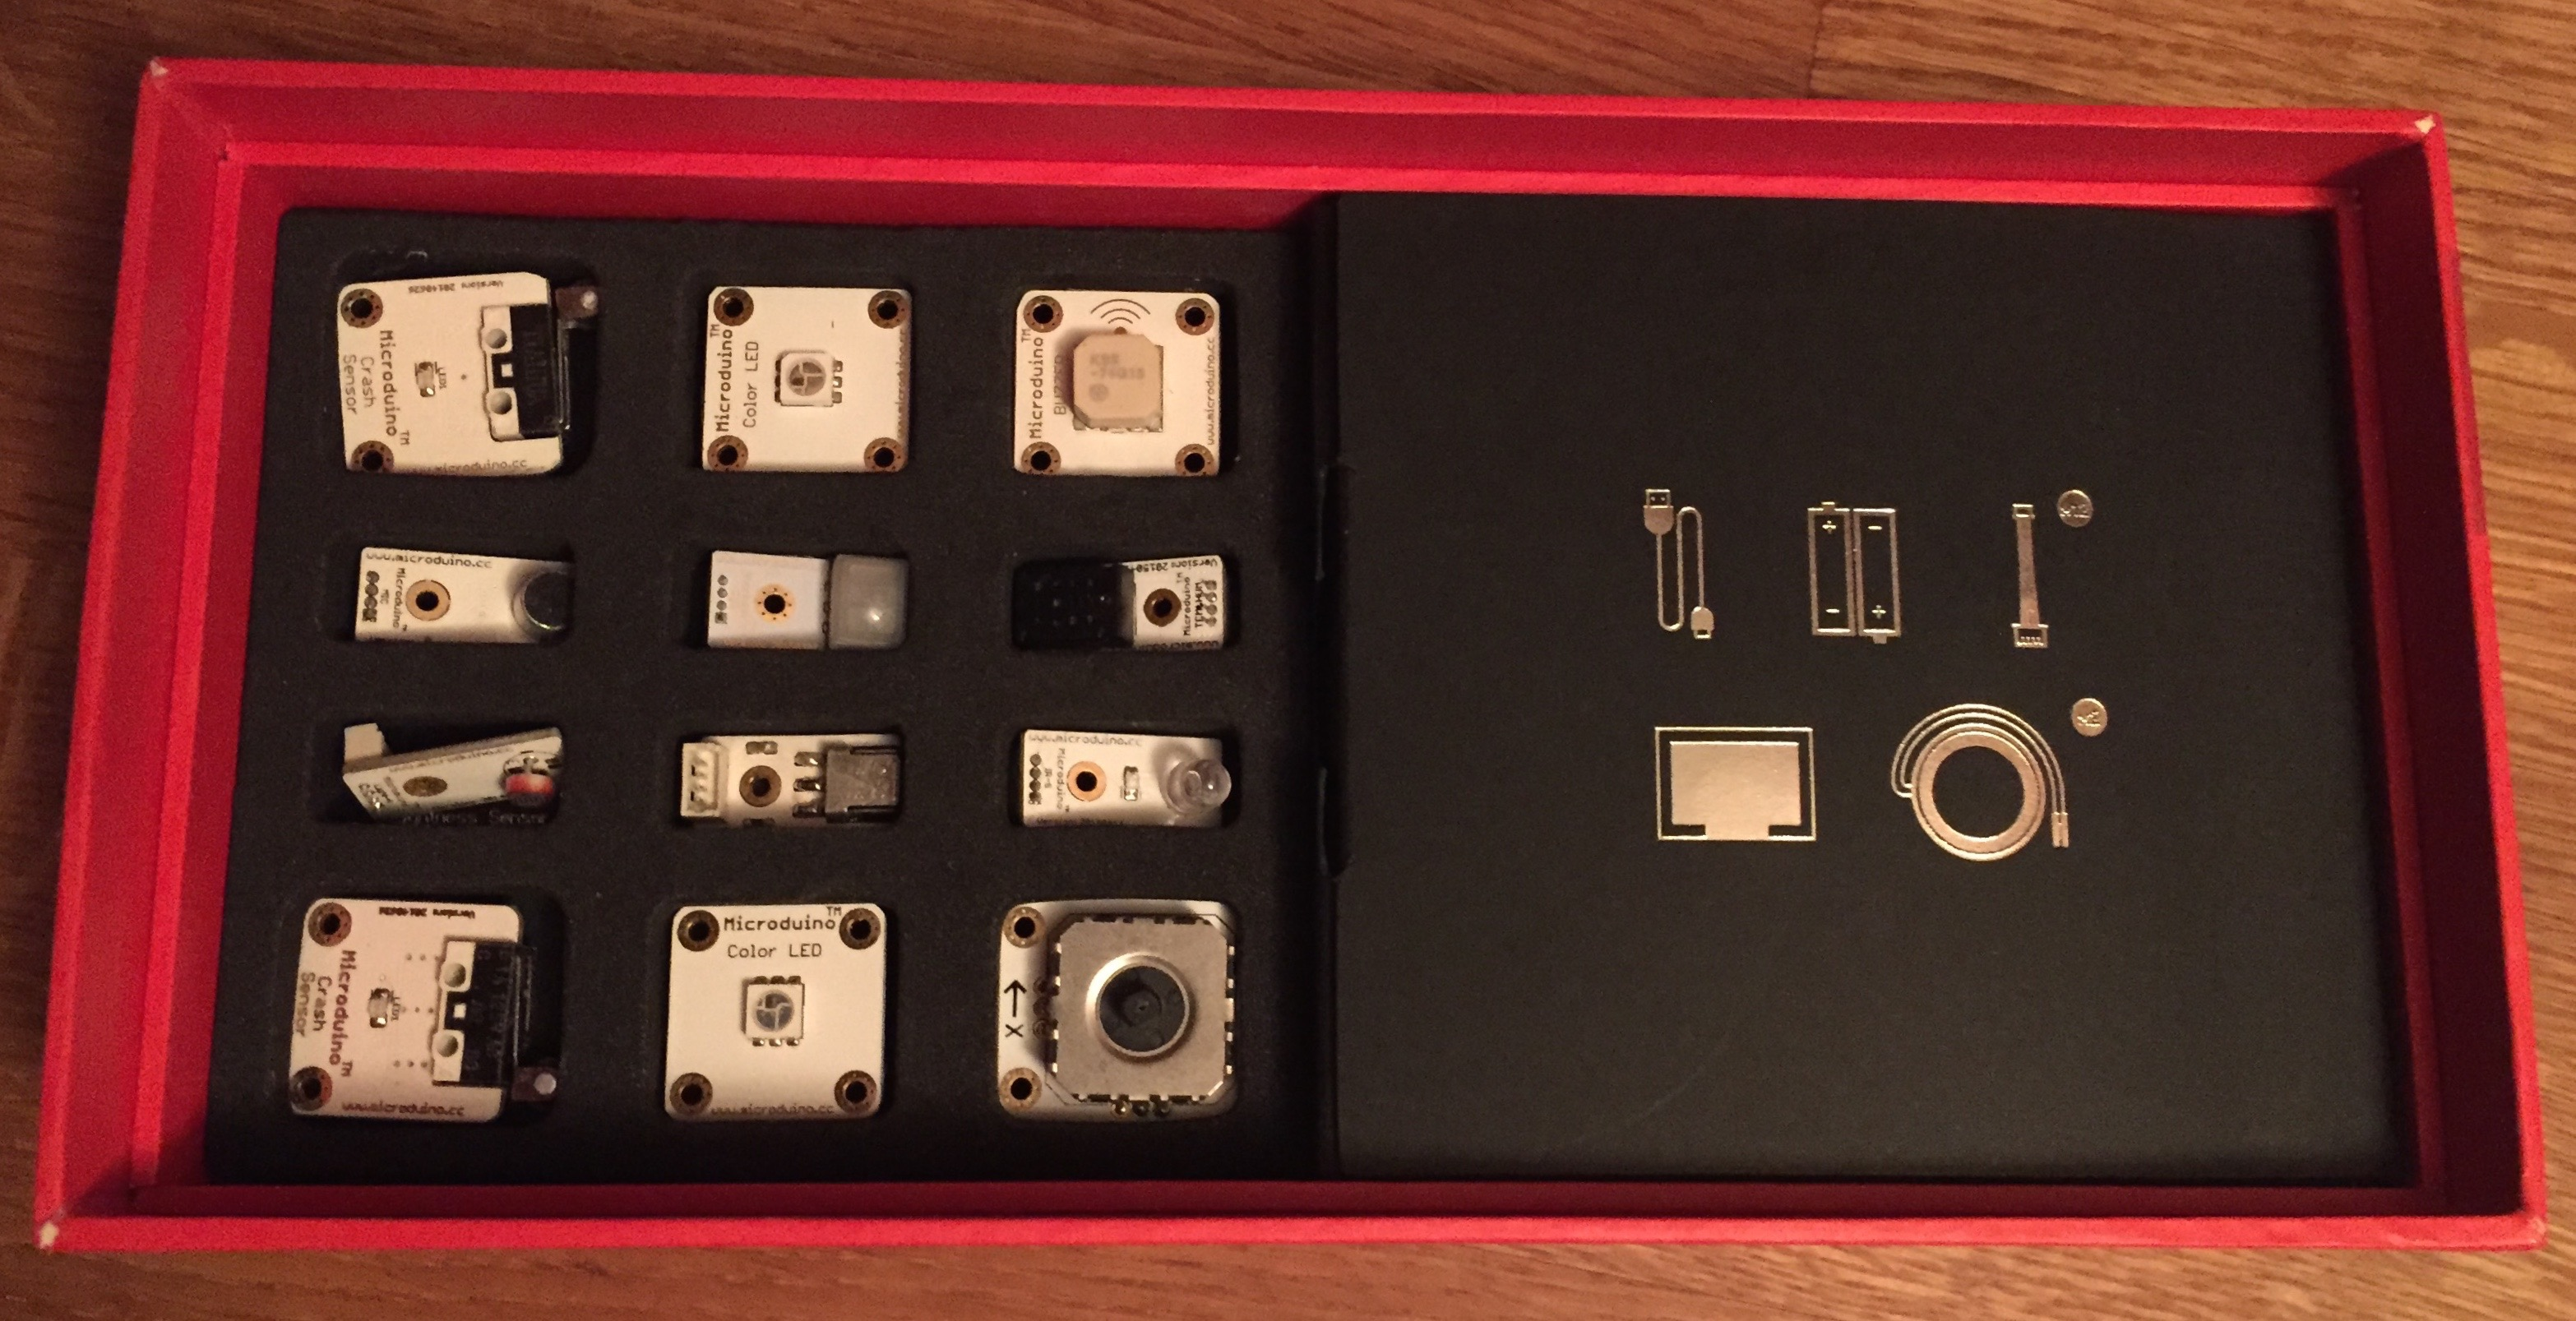 mCookie Microduino sensors